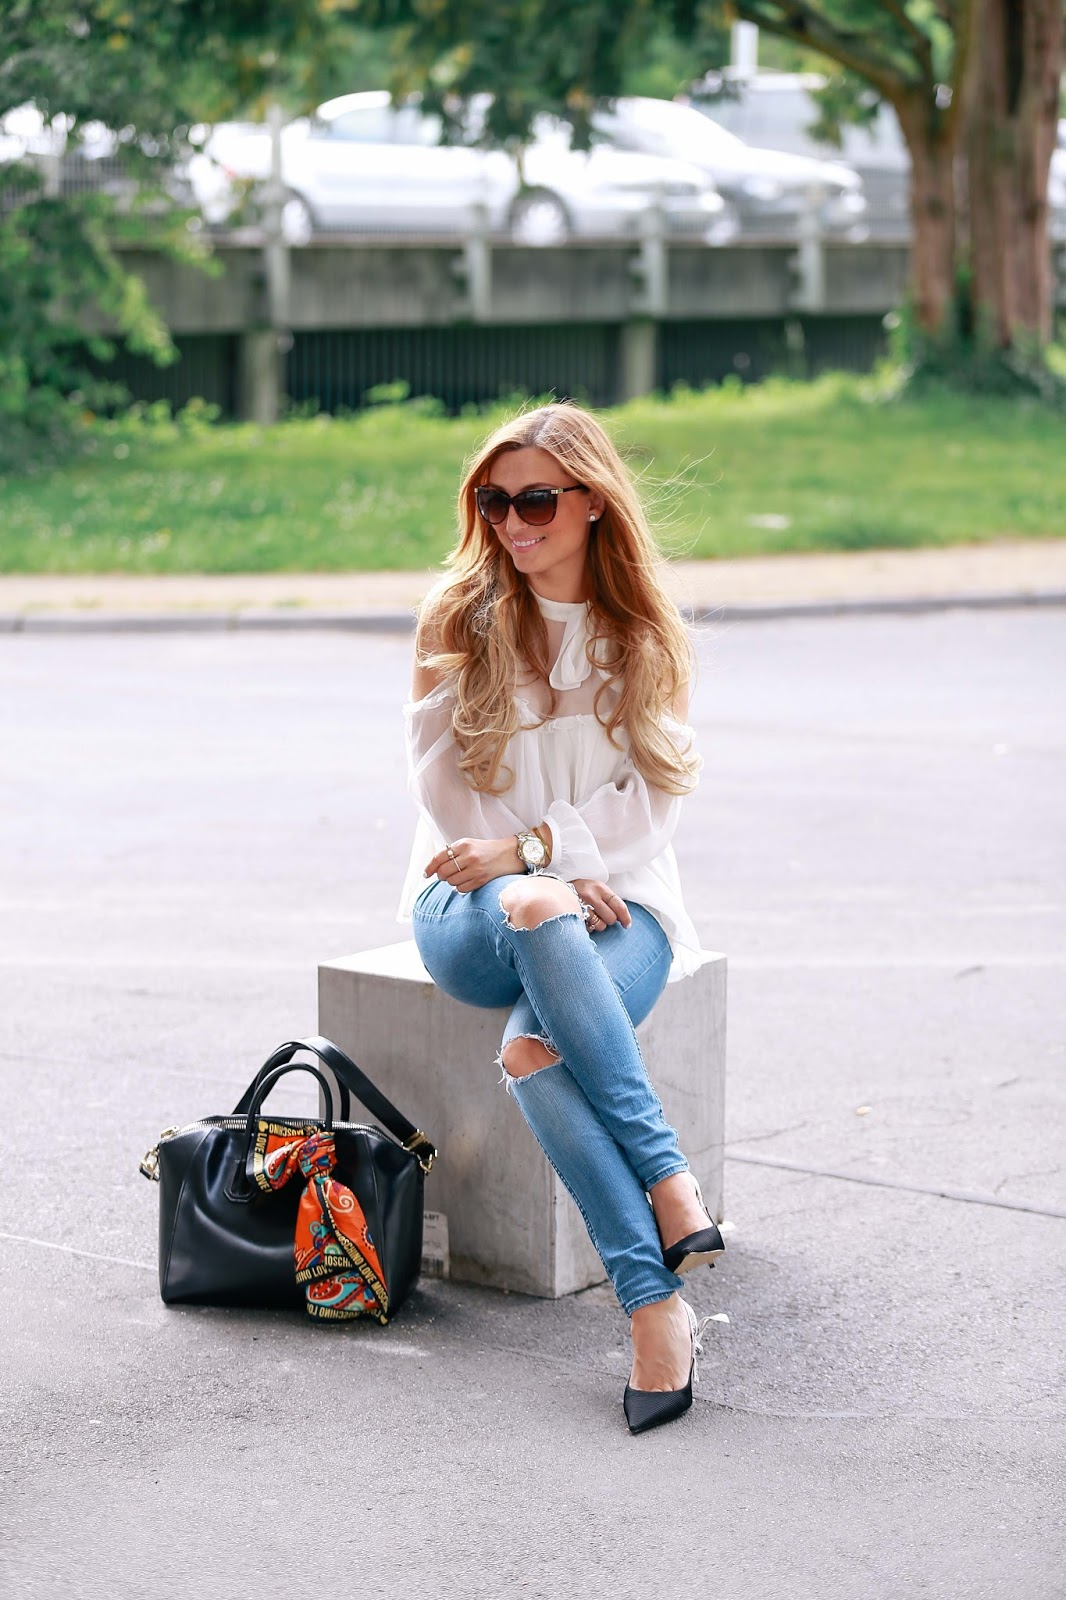 Fashionstylebyjohanna-blogger-aus-deutschland